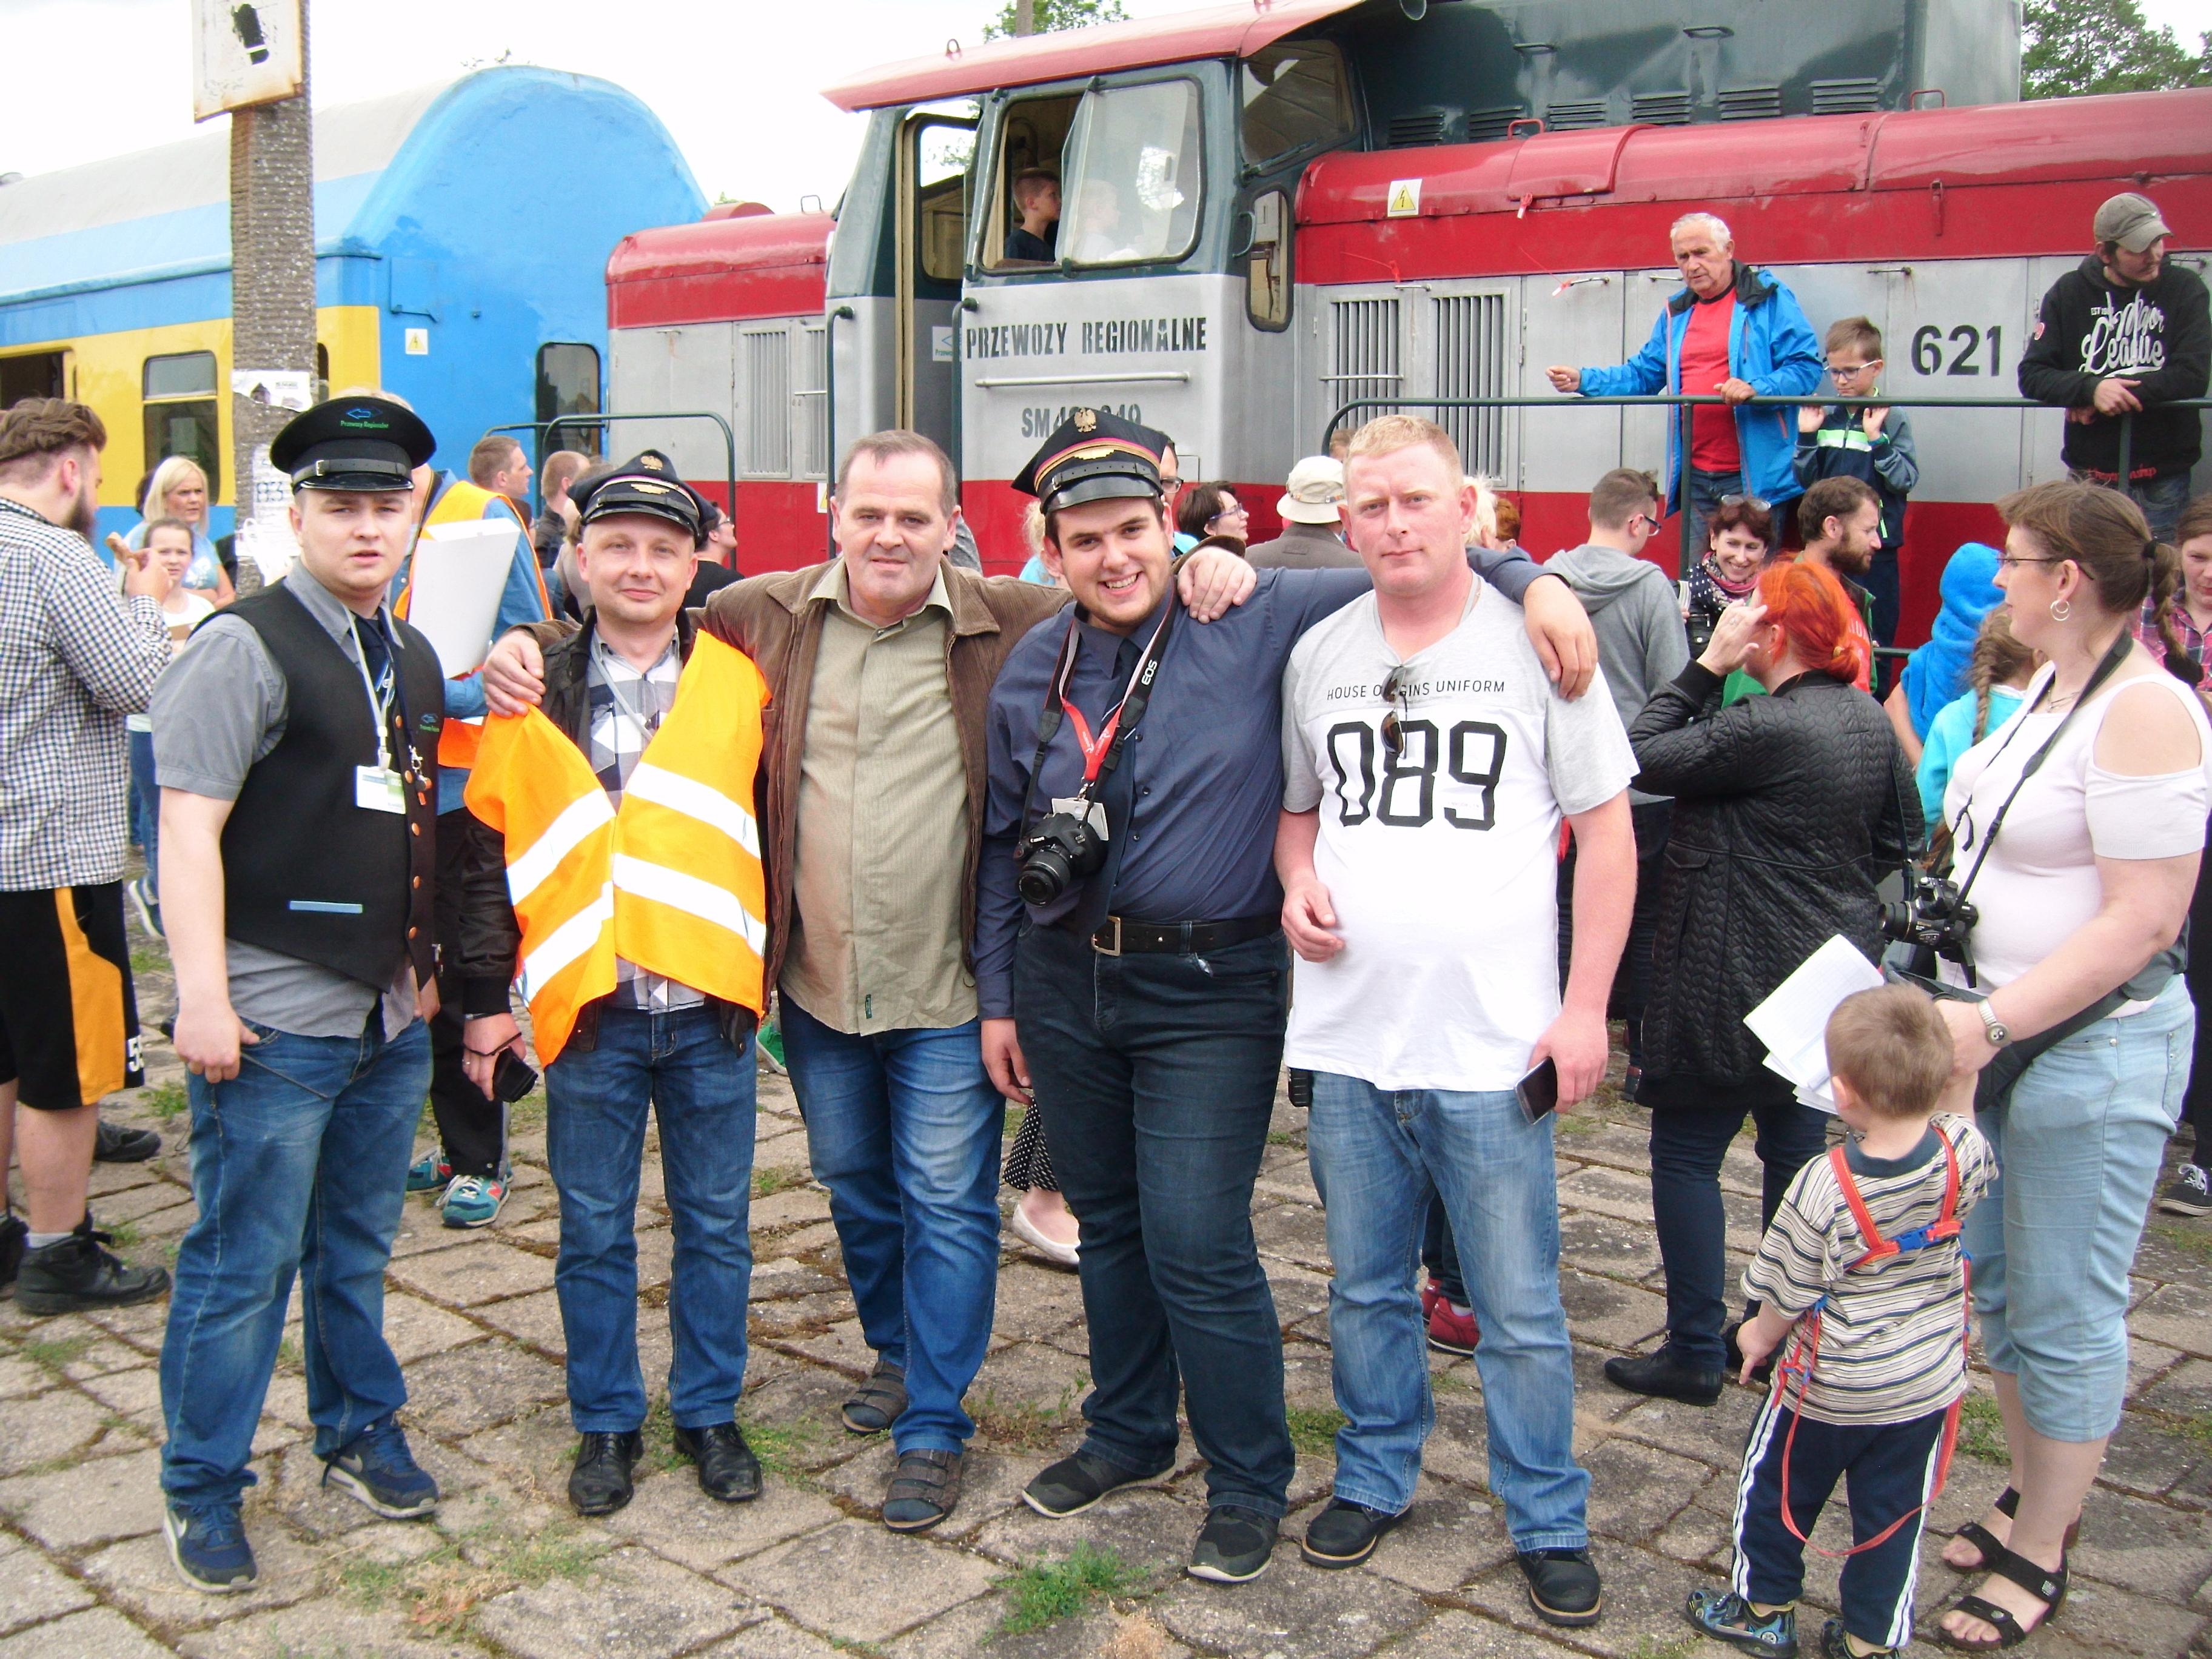 Pociąg pasażerski POL REGIO relacji Nakło n/Not - Więcbork - Chojnice wjechał dziś 17. 06. 2017 r. ponownie na130 letnią zabytkową stacje PKP Więcbork !!! - foto Gazeta Więcborska